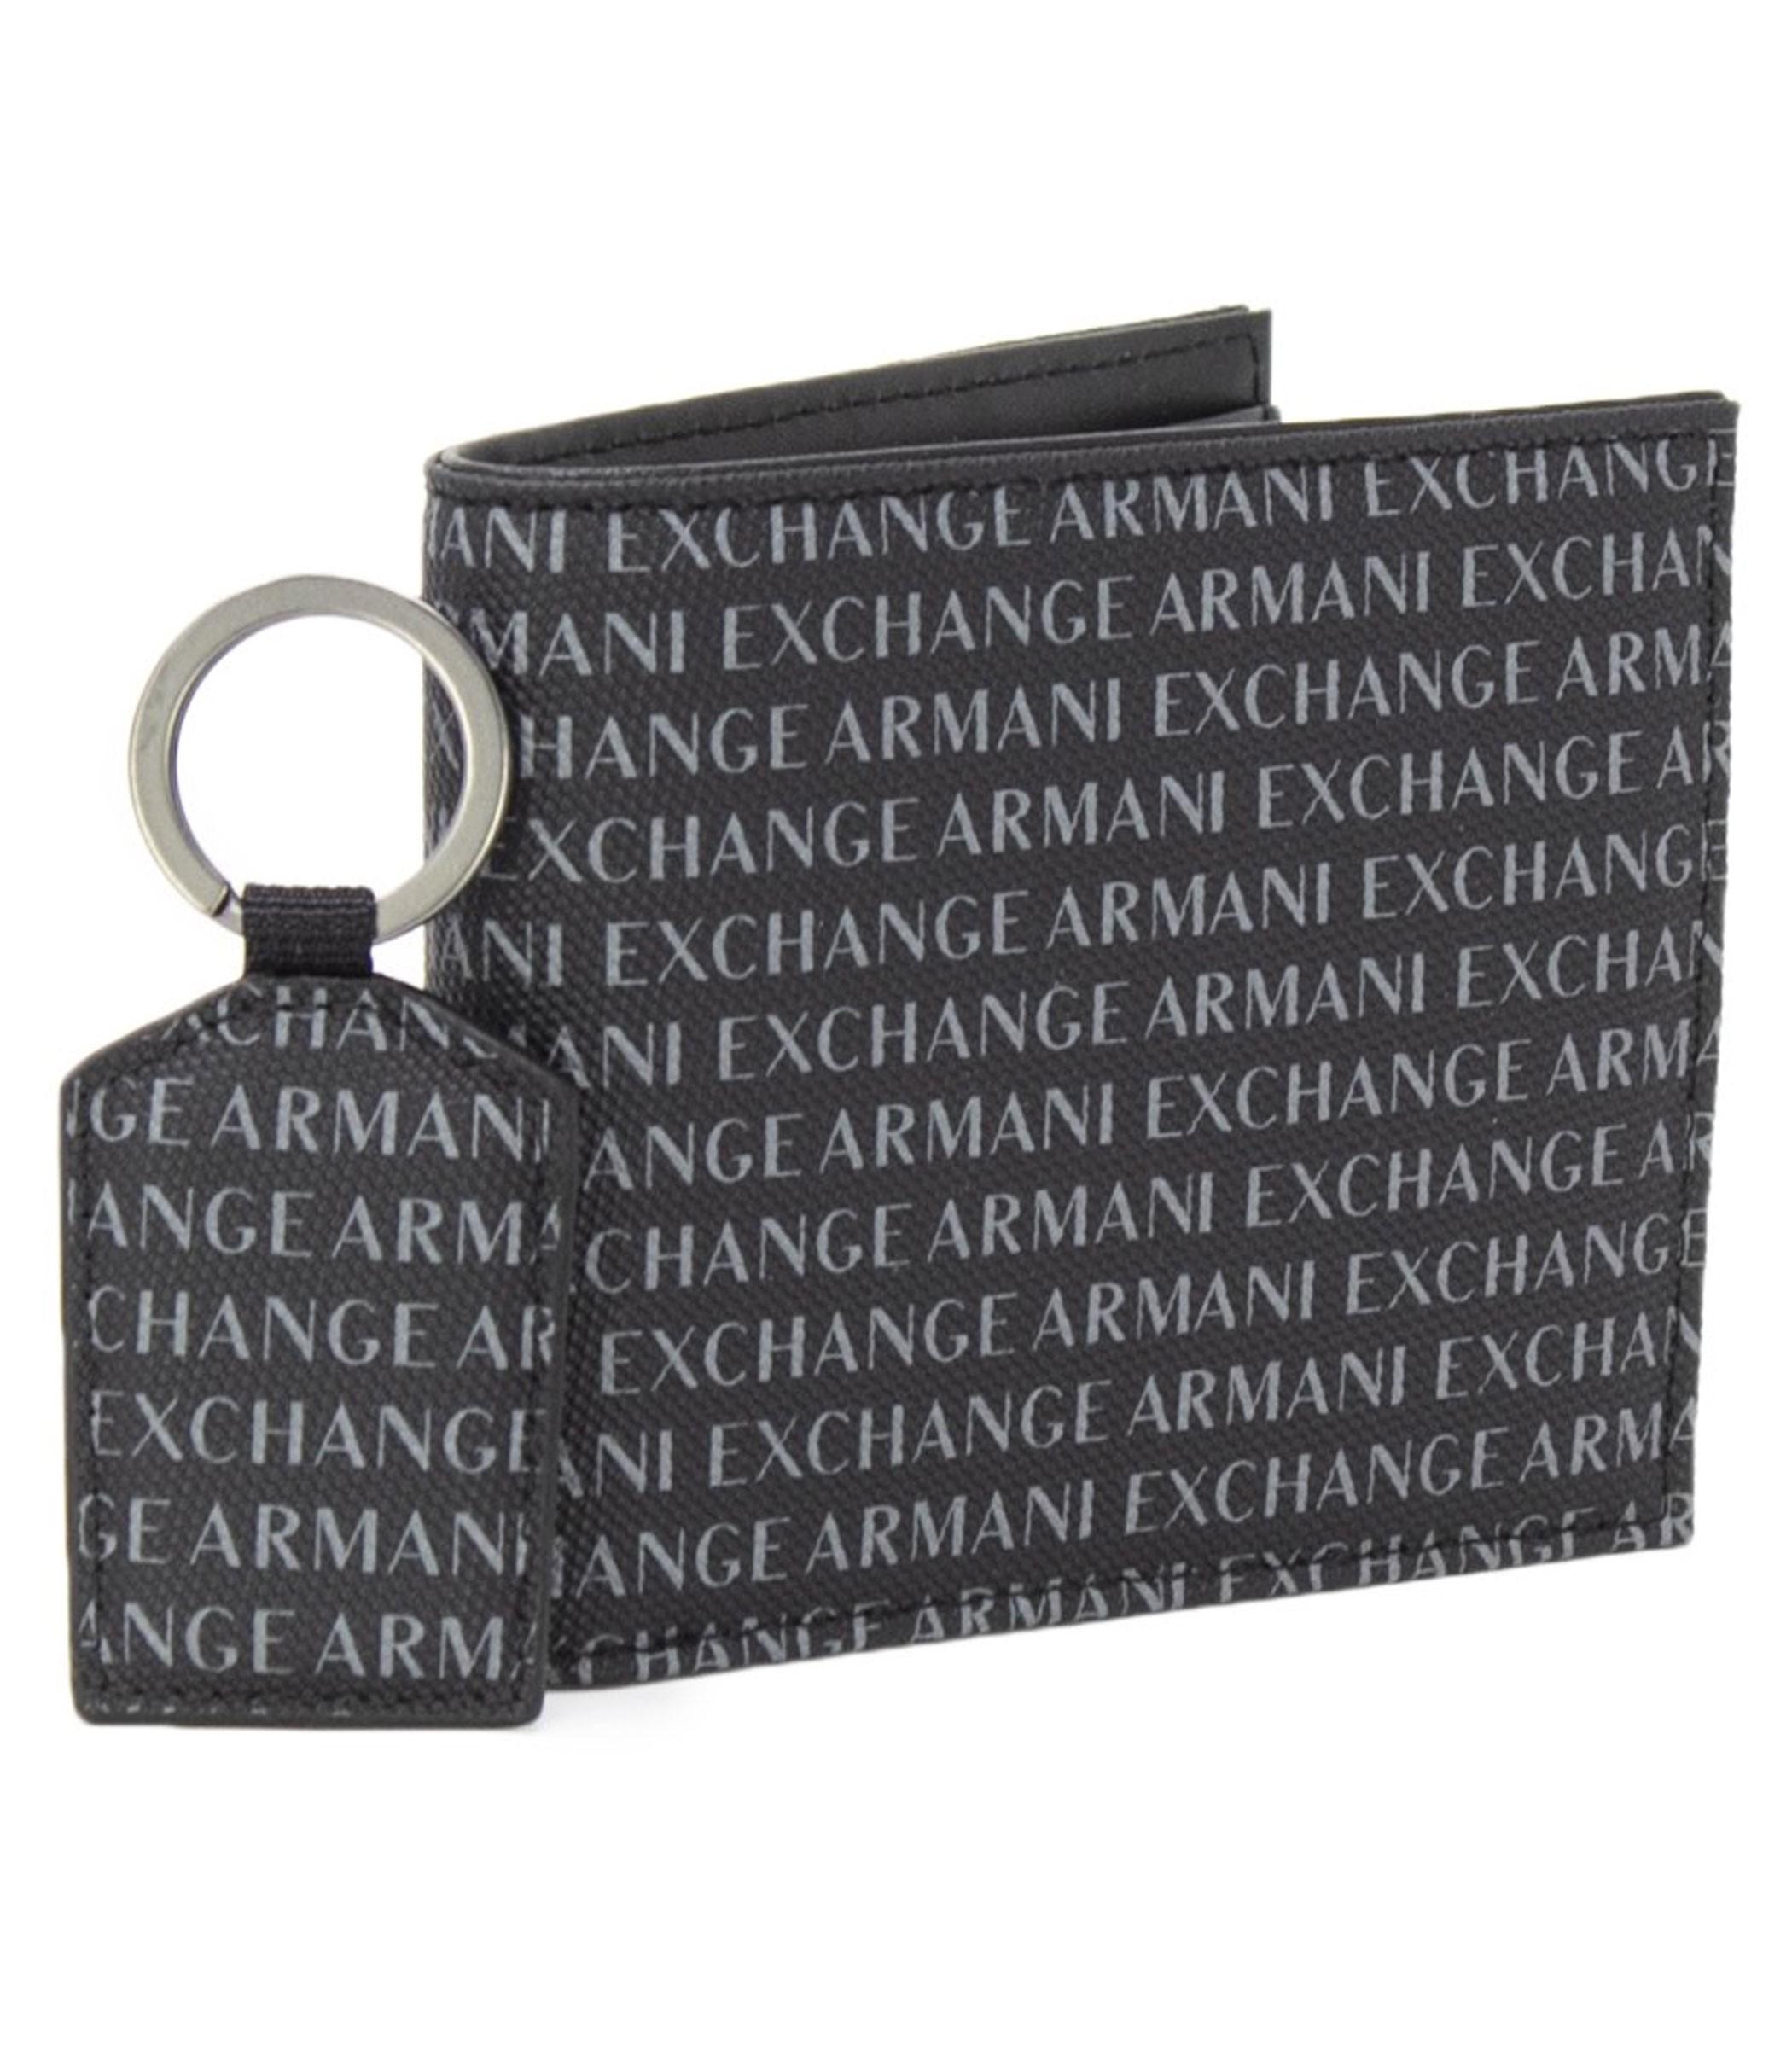 nuovo arrivo a282e b8f61 Portafoglio e portachiavi Armani Exchange da uomo rif ...